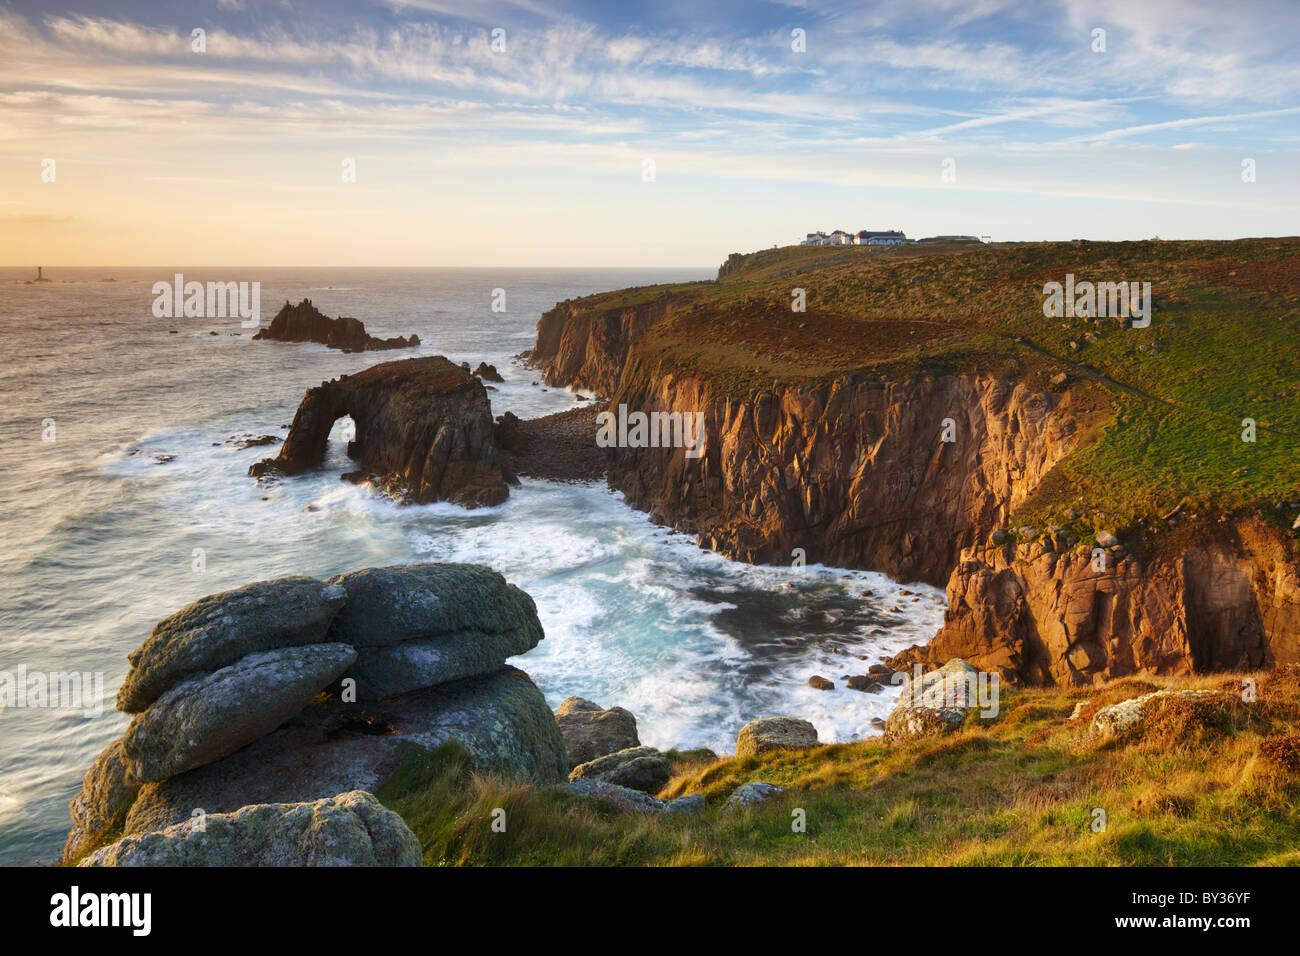 Dramatische Küstenlinie entlang der Penwith Halbinsel in Endland den westlichsten Punkt Englands Stockbild